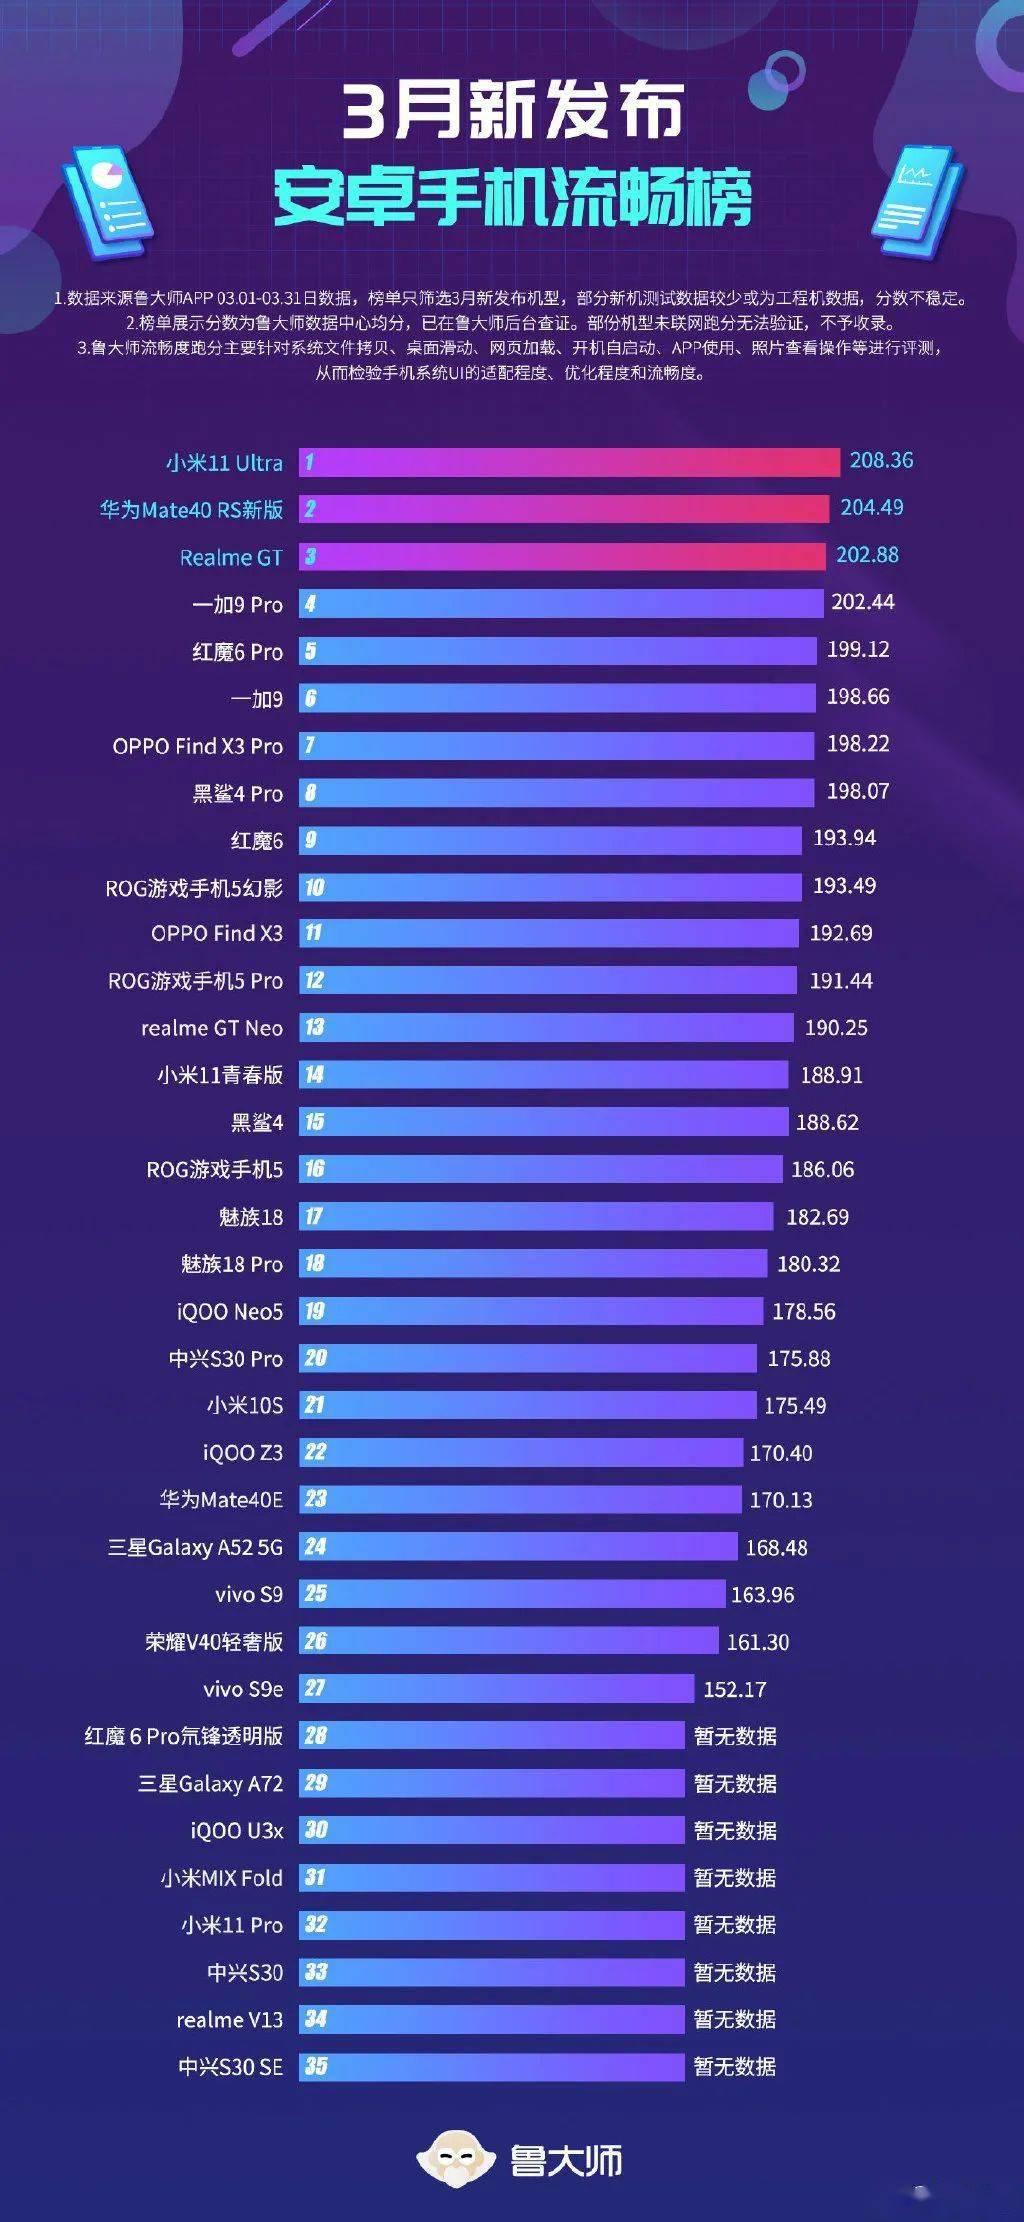 【排行】3月新机流畅/性能榜单:11Ultra登顶,魅族18黑人问号?